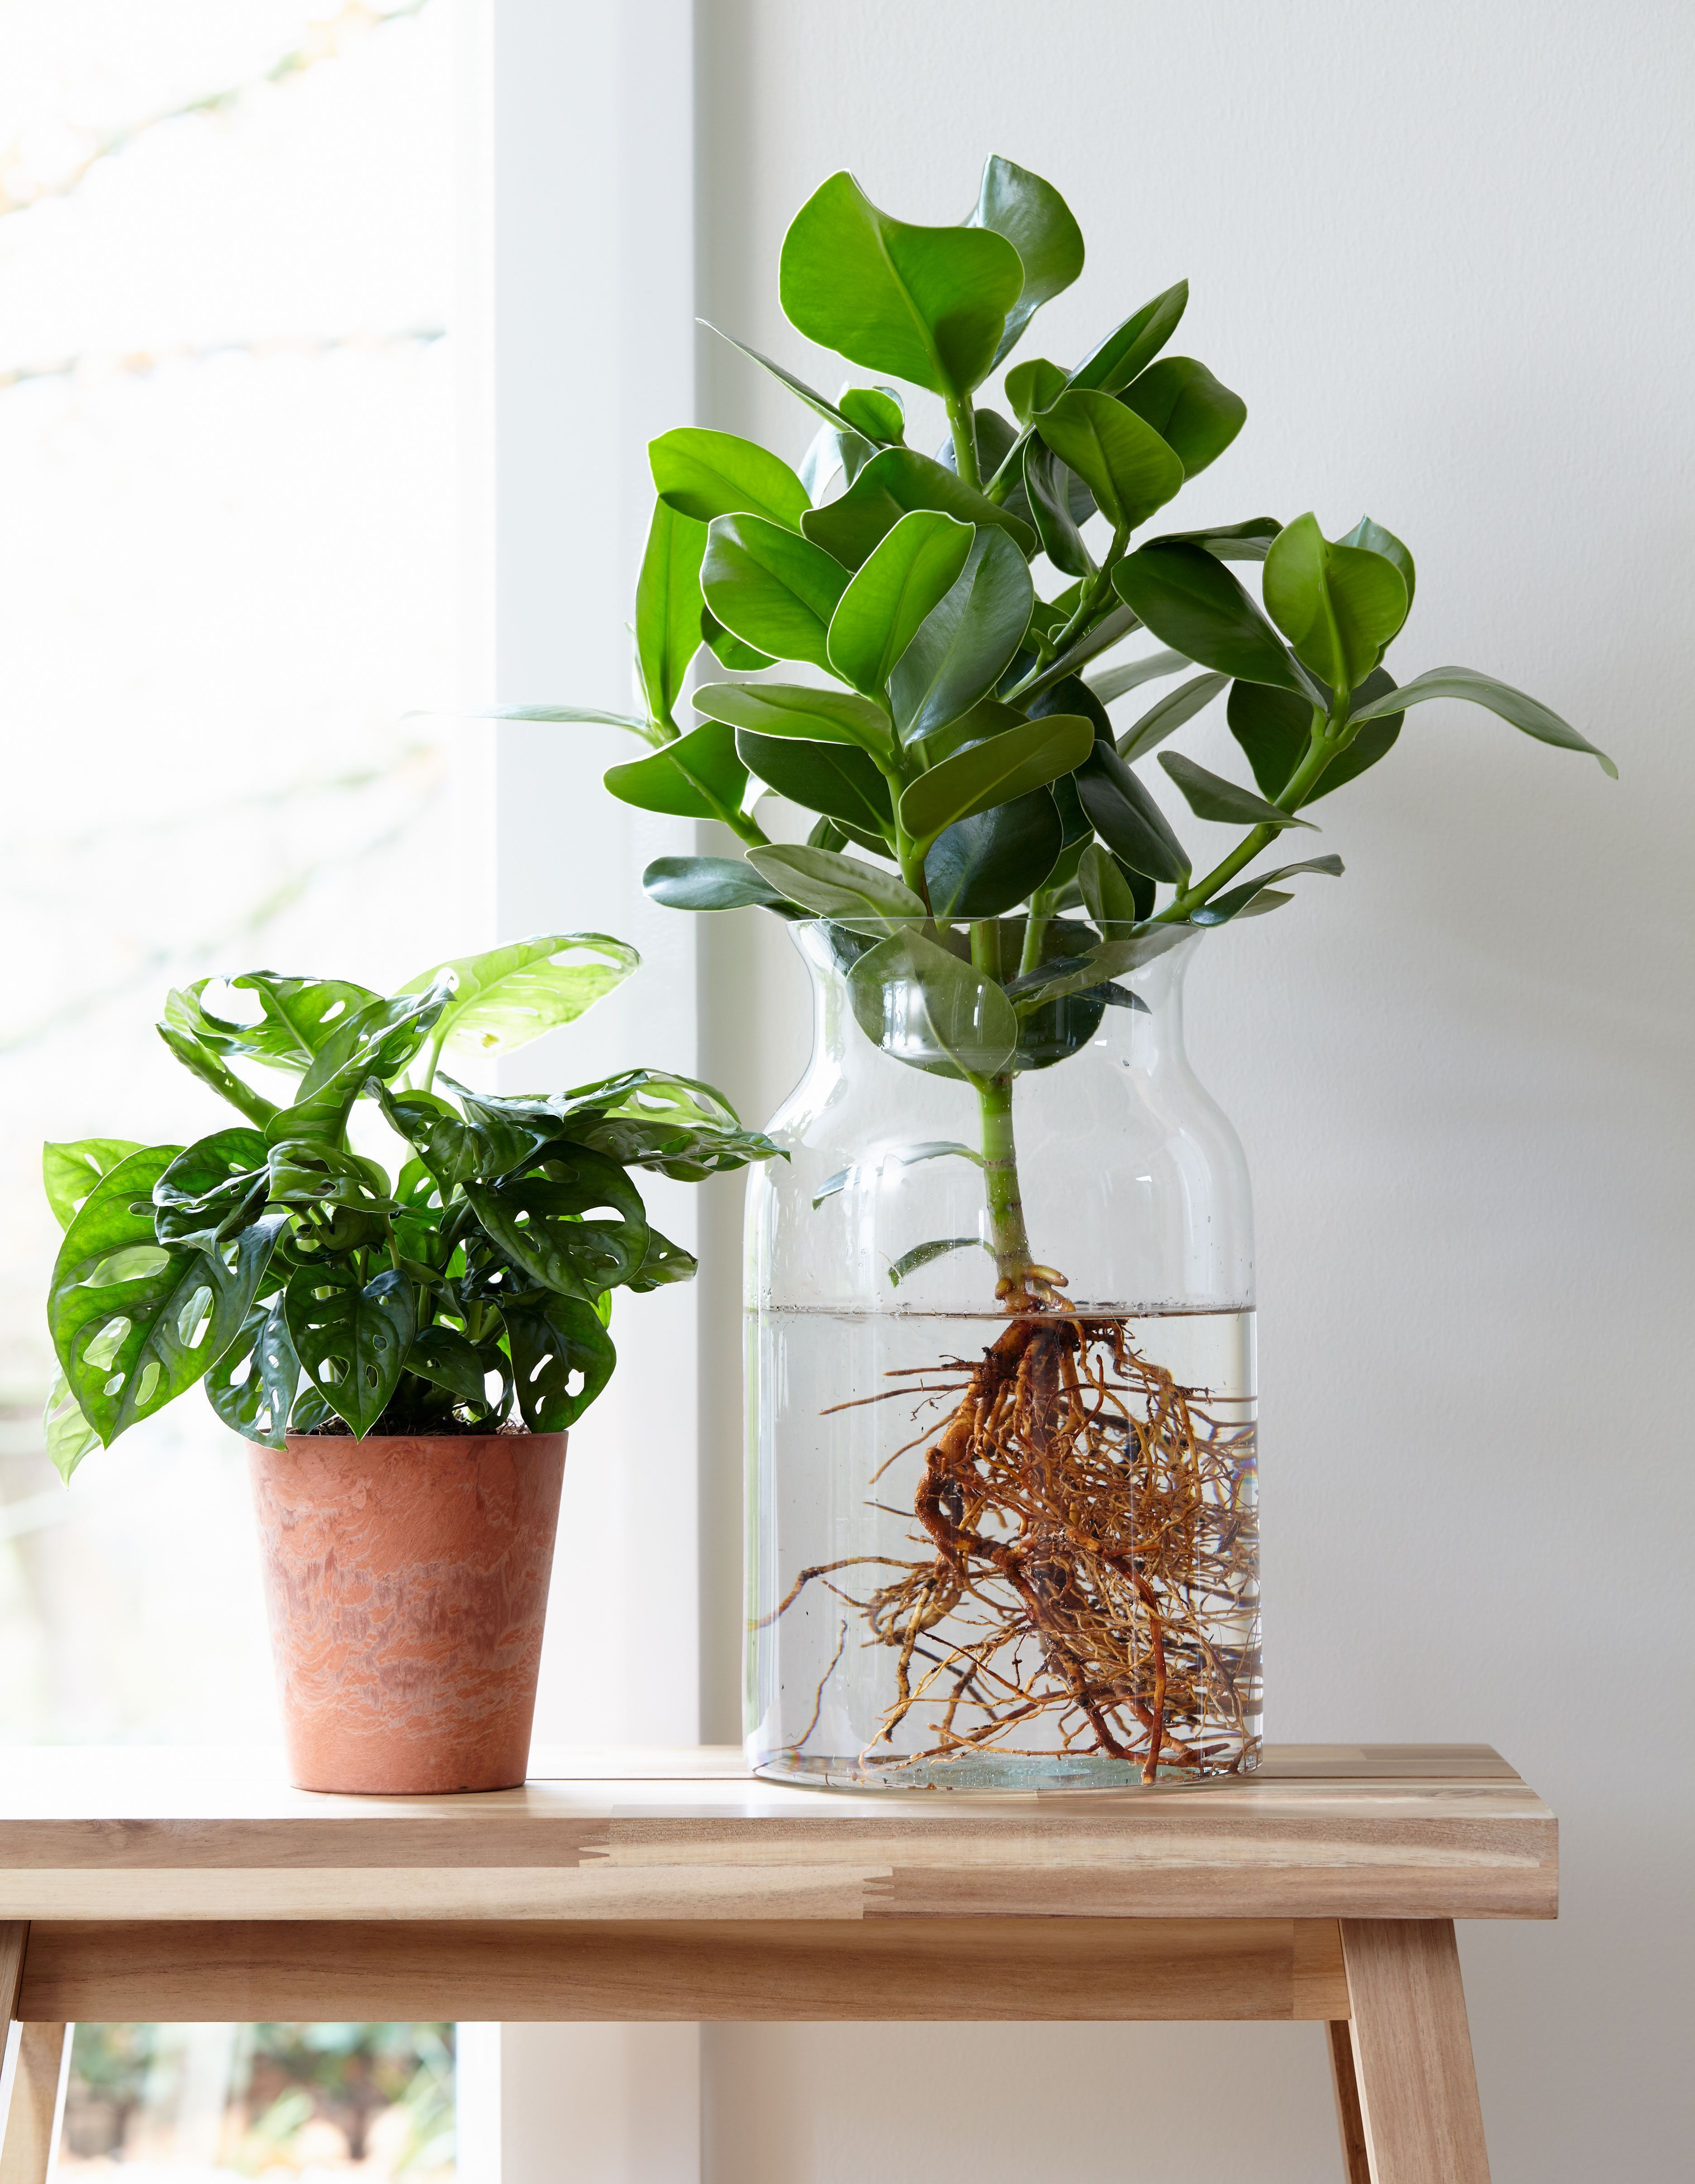 Anthurie im Wasser!: Für mehr Tipps zum Garten und Pflanzen schauen Sie auch auf